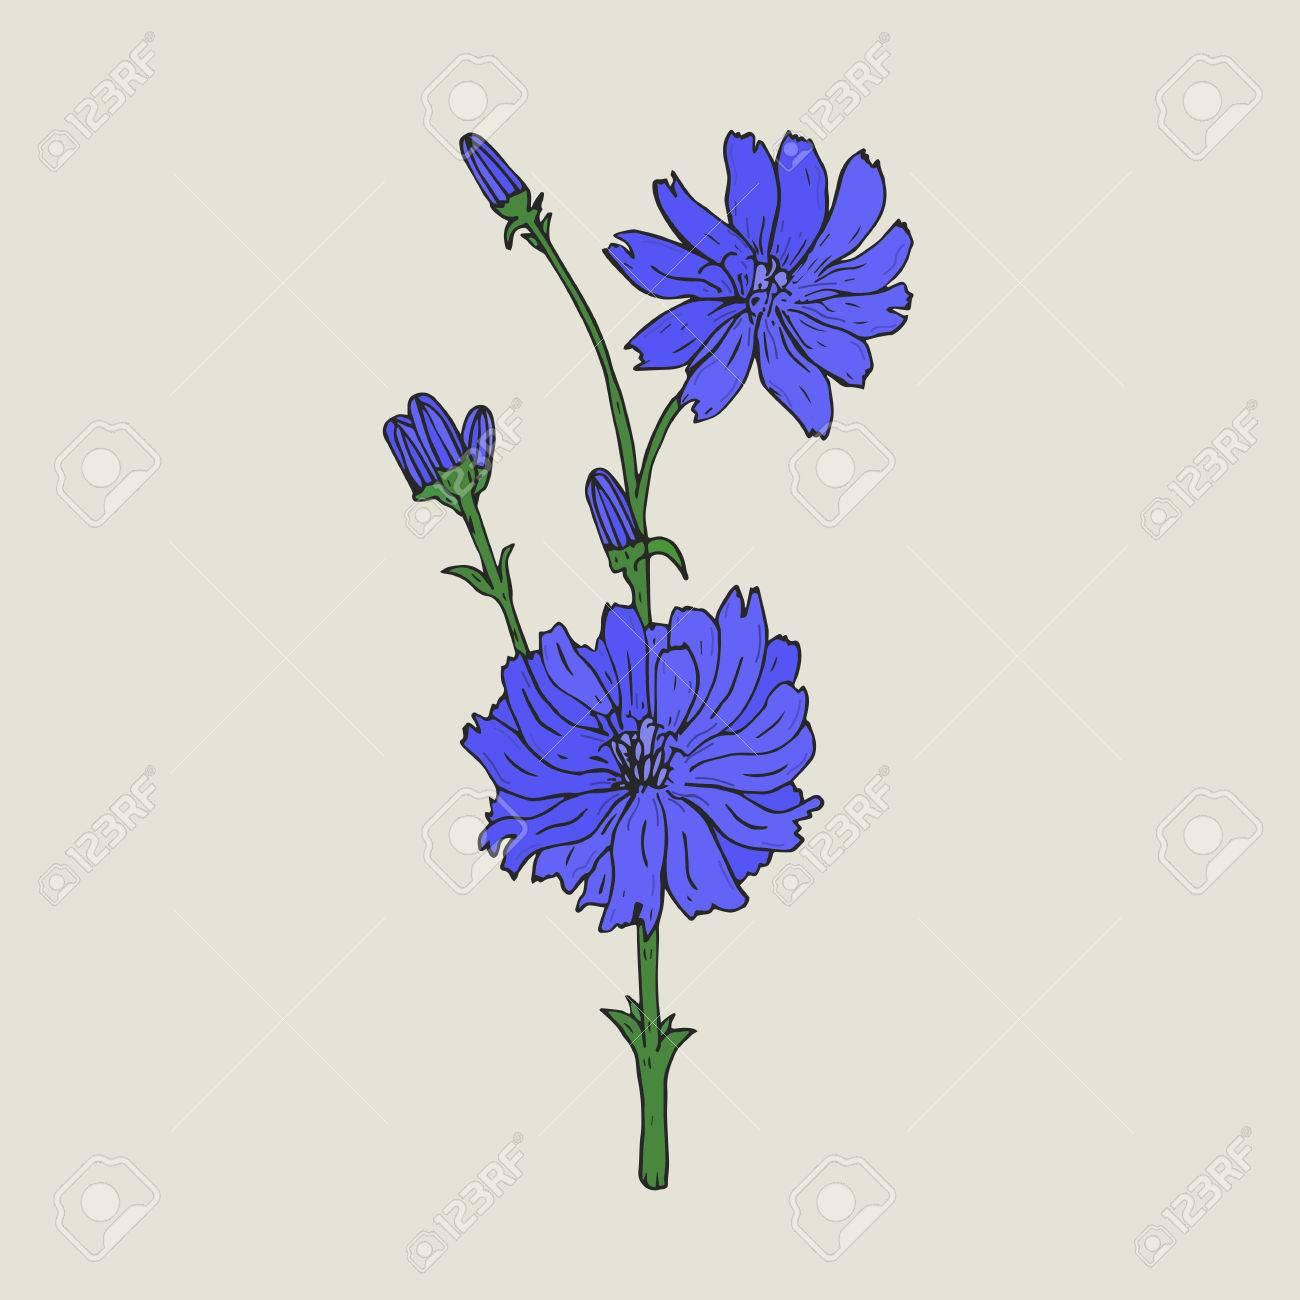 Dibujo Botanico Realista De Achicoria Con Flores Purpuras Y Brotes